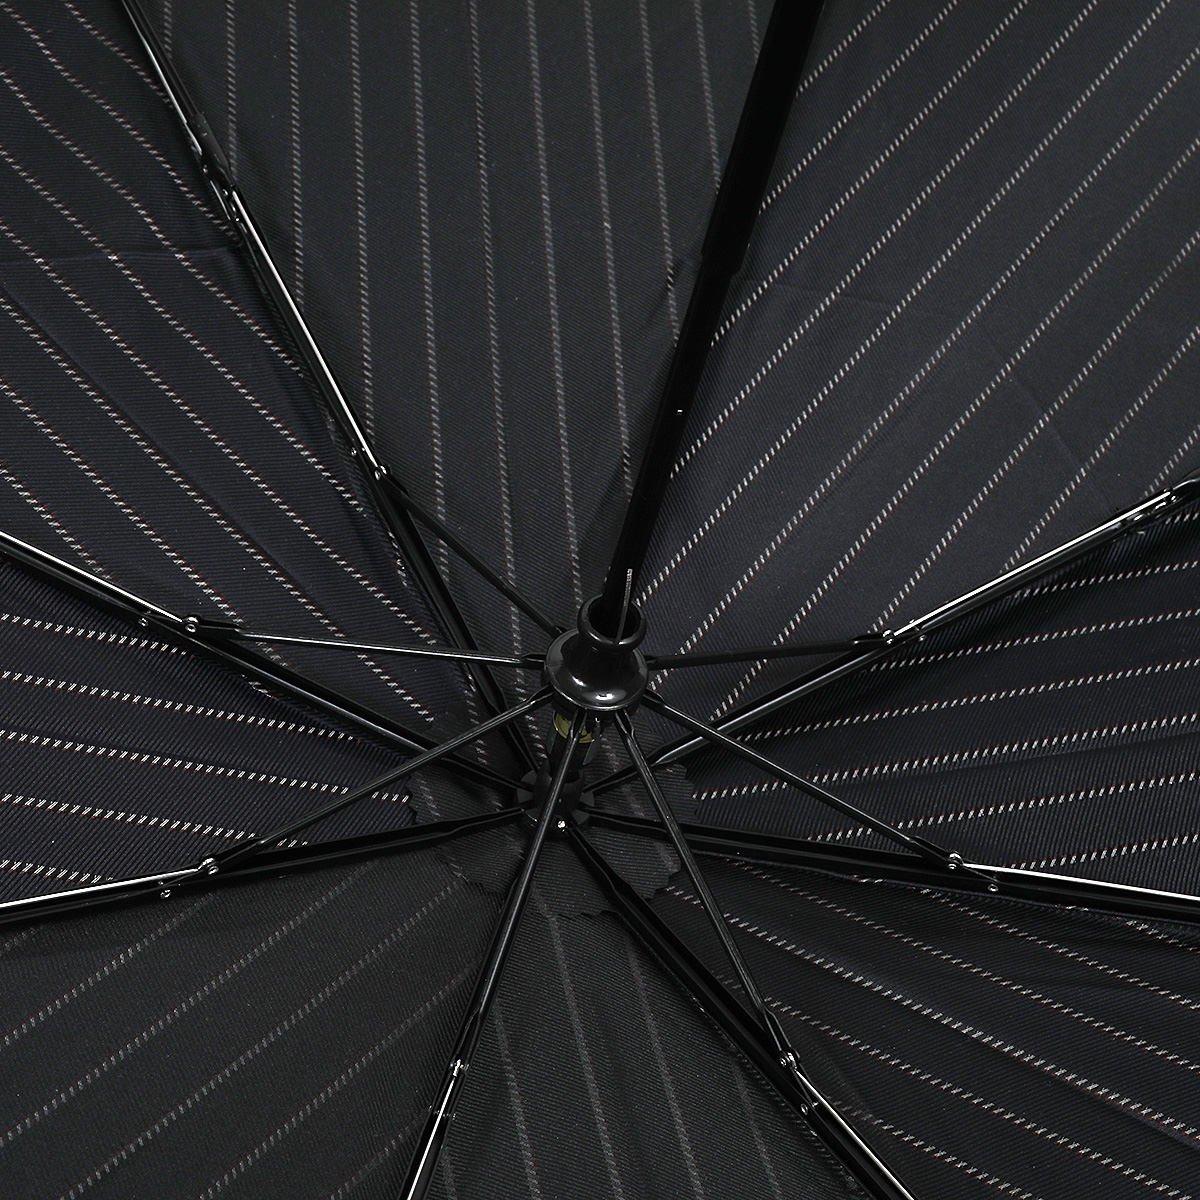 レイン ストライプ 耐風骨 折りたたみ傘 詳細画像6